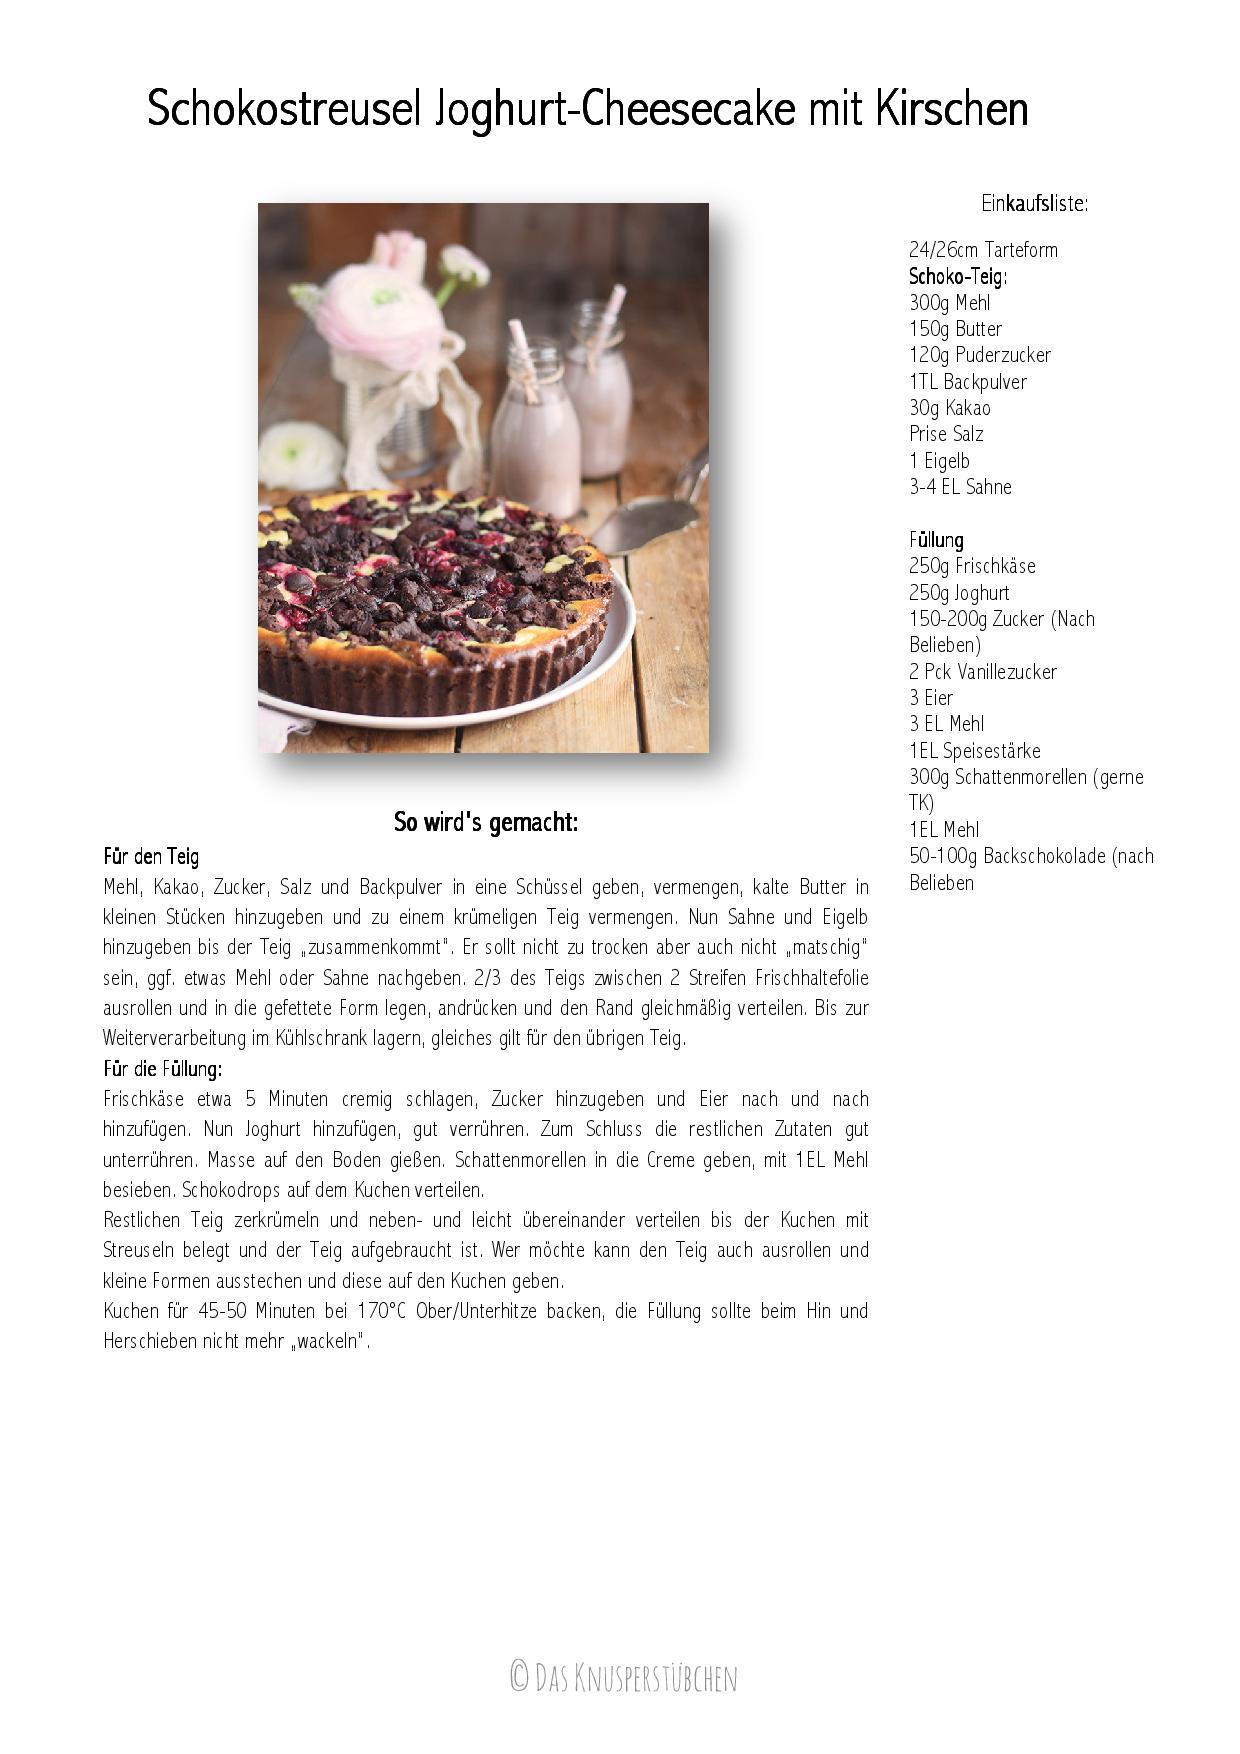 Schokostreusel Joghurt-Cheesecake mit Kirschen-001